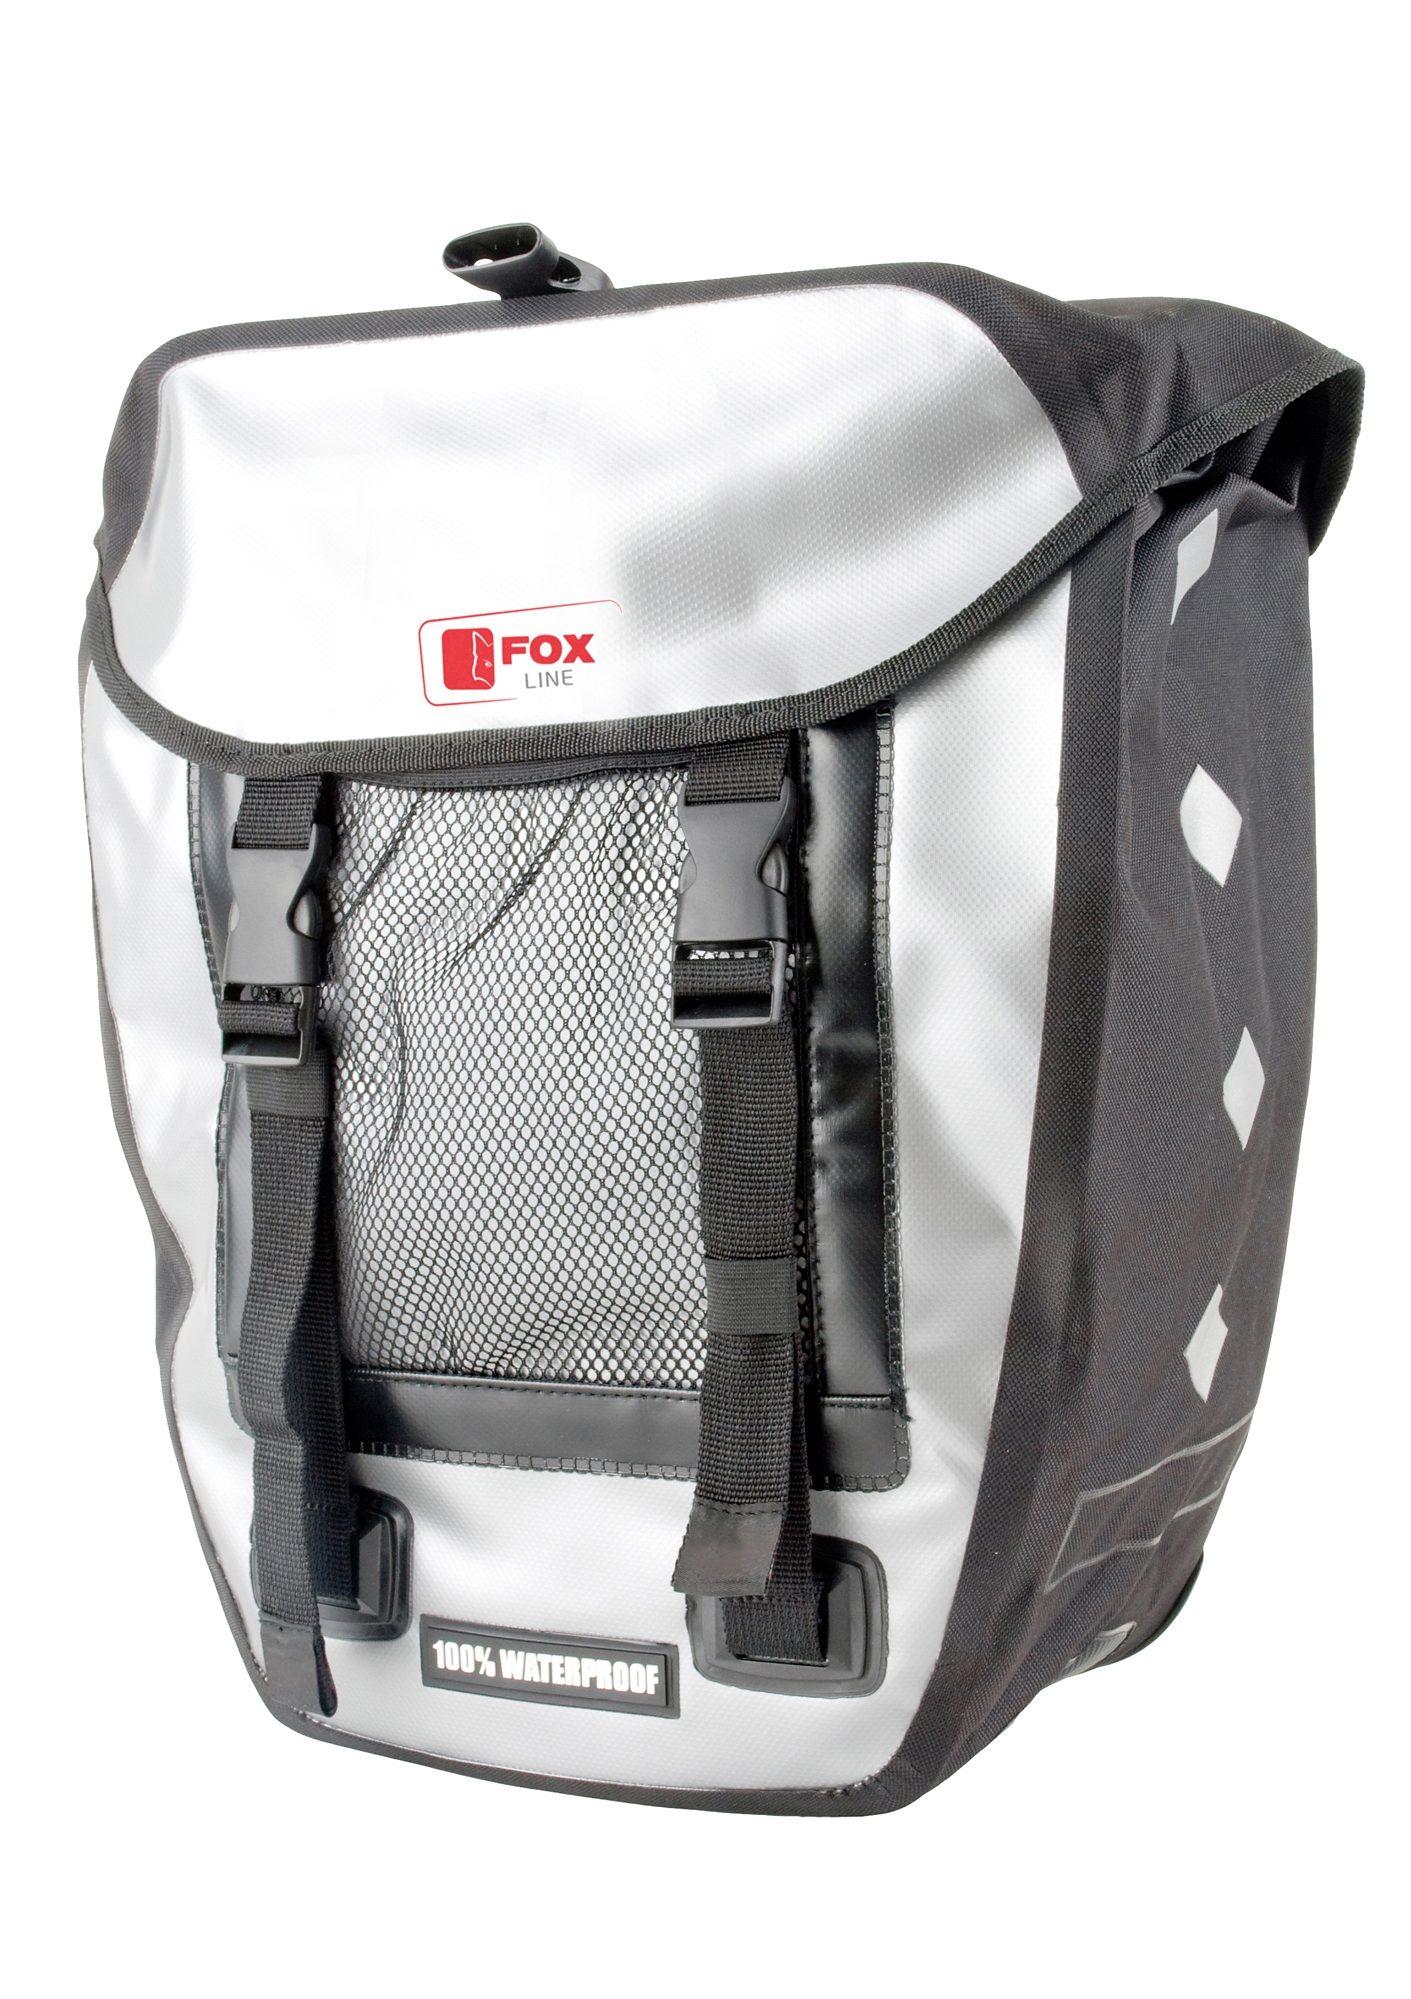 Fox Line Fahrradtasche | Taschen > Businesstaschen > Fahrrad-taschen Büro | Schwarz | FOX LINE